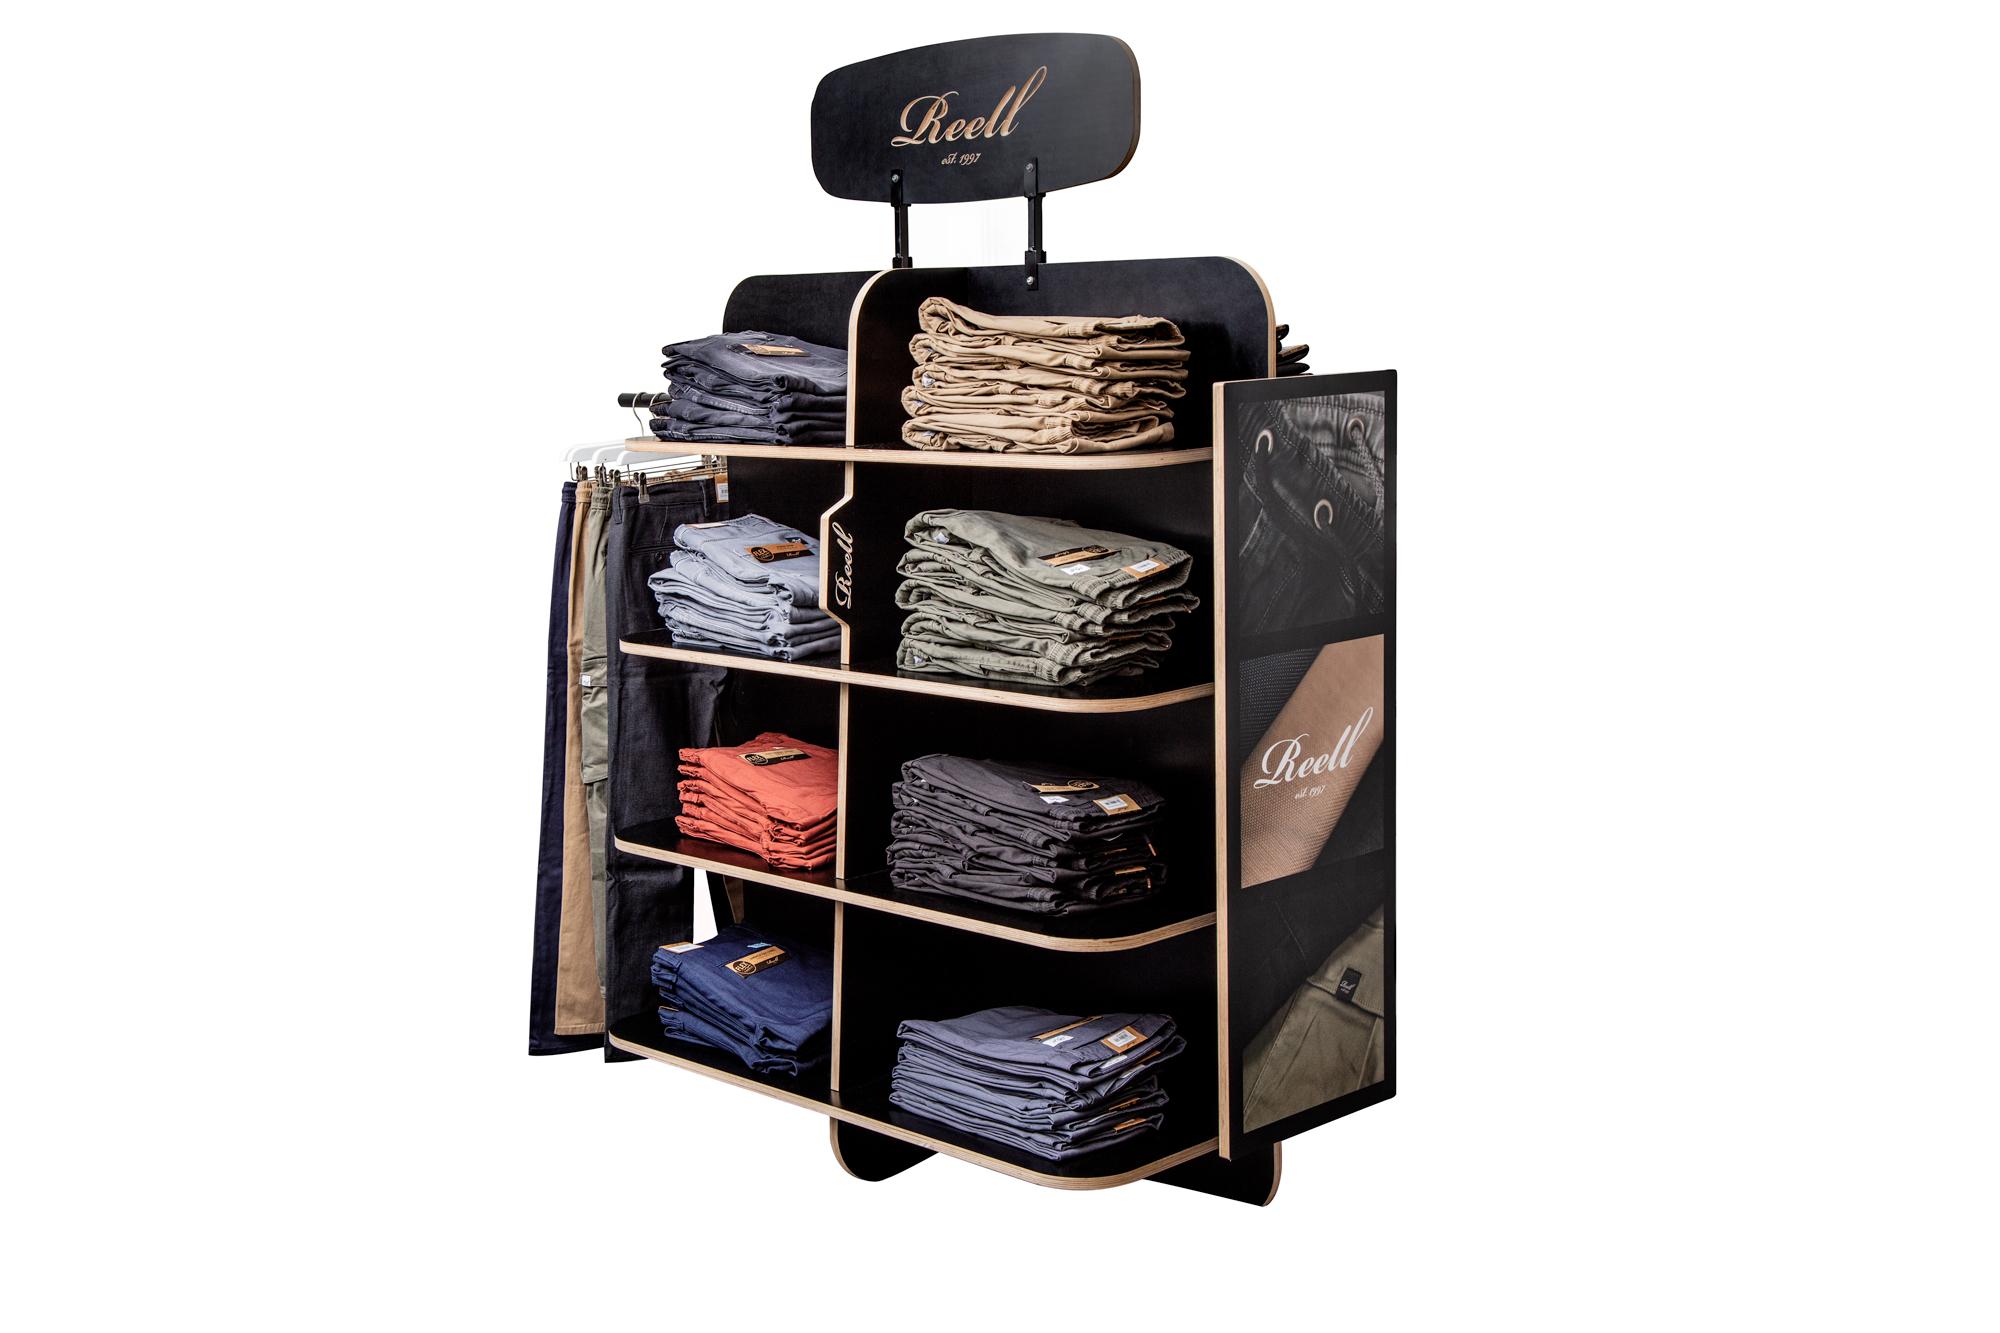 kleine winkel kleding display